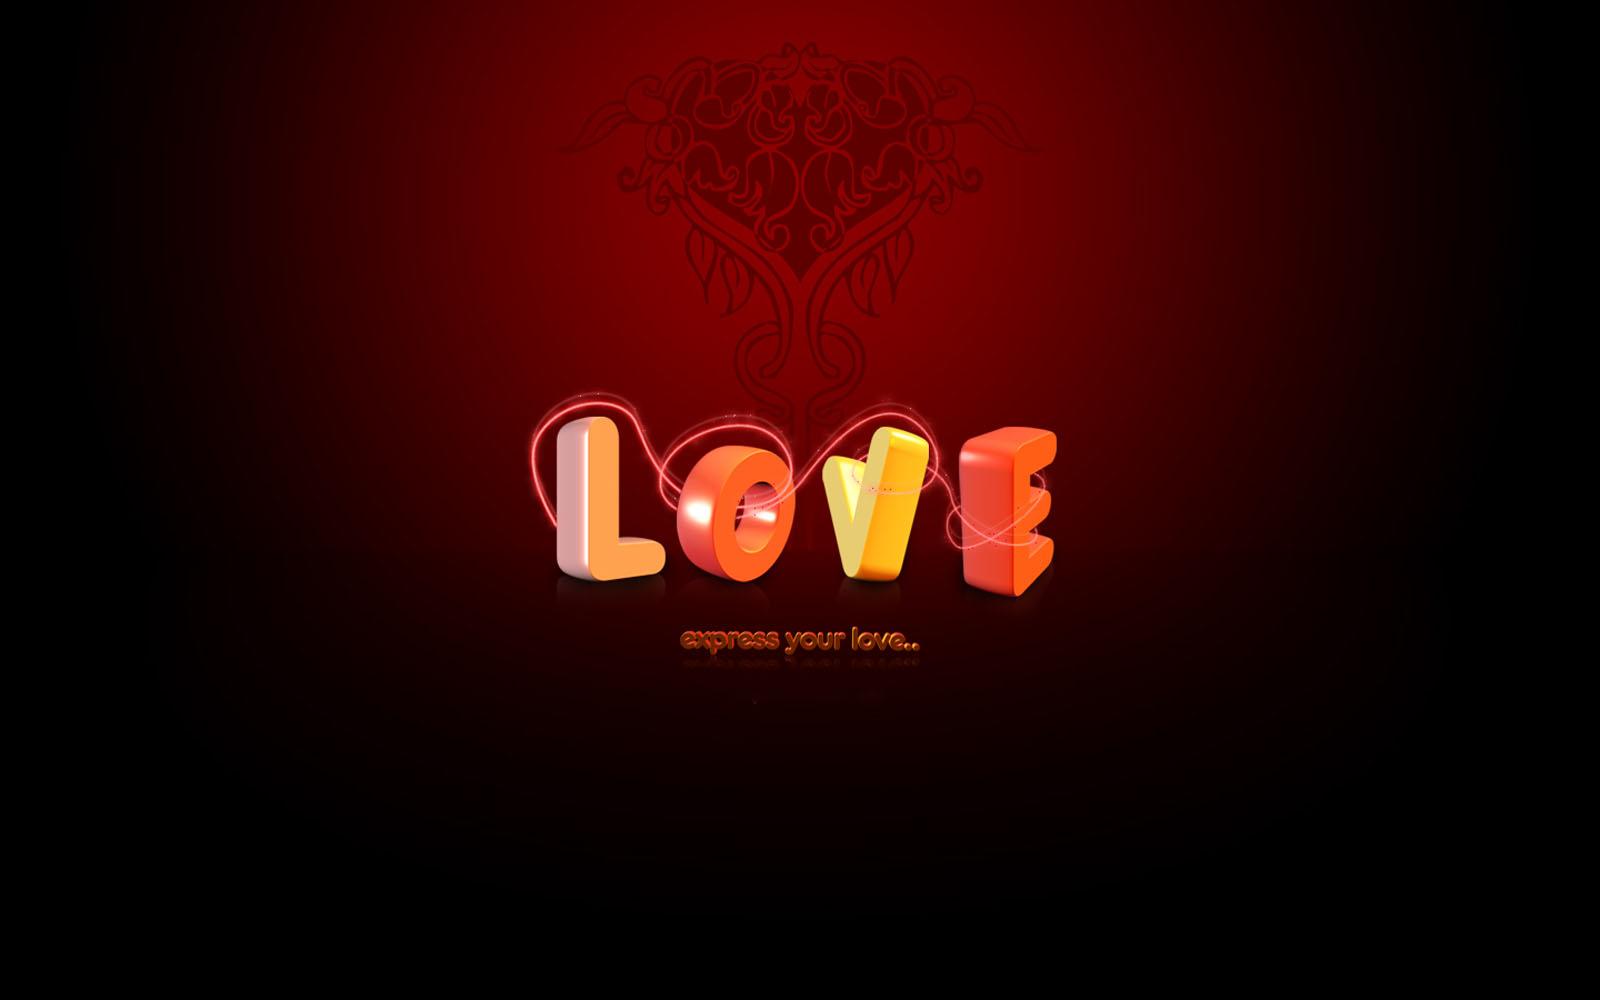 Love Wallpapers Desktop